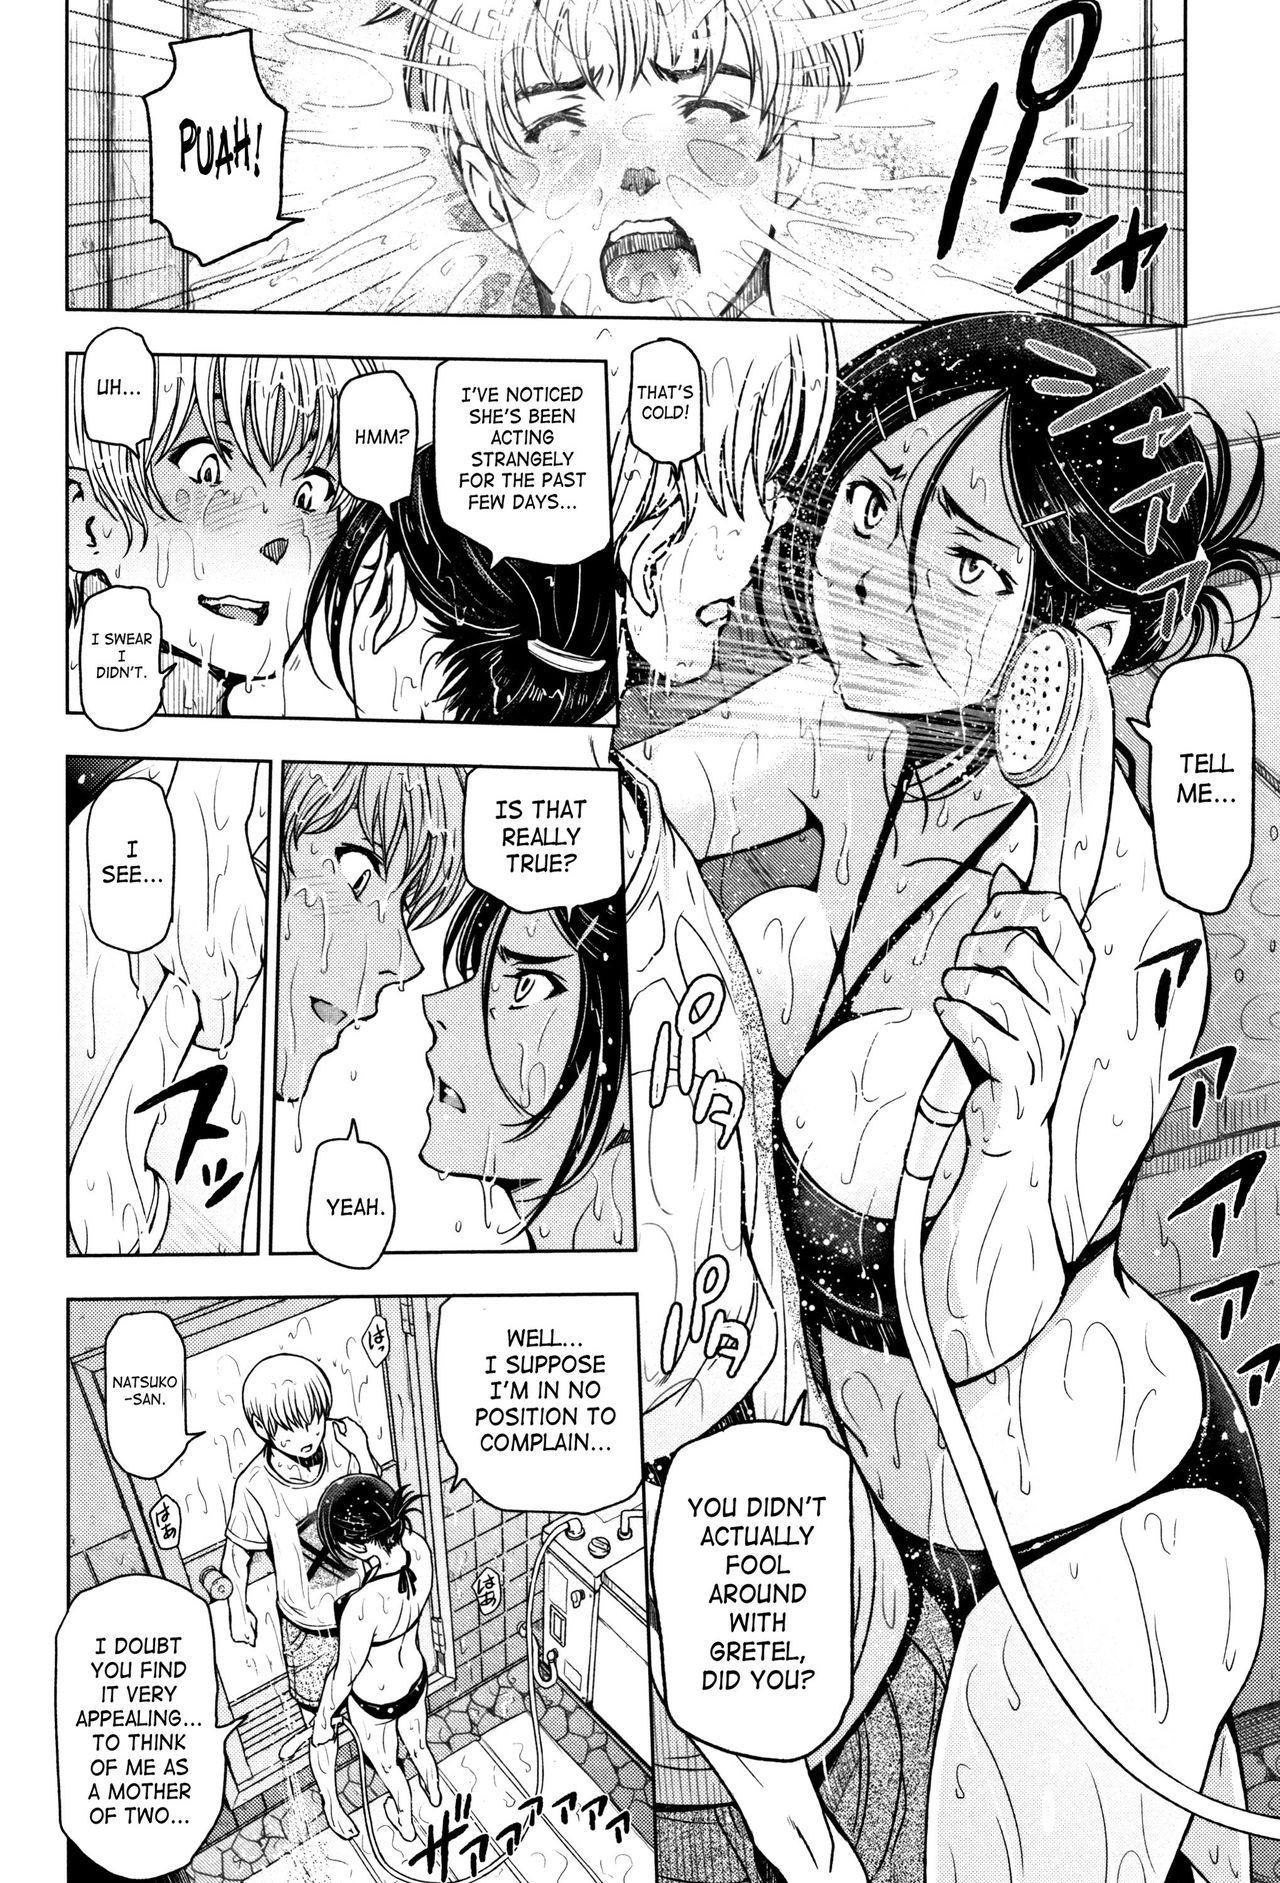 [Sena Youtarou] Natsu-jiru ~Ase ni Mamirete Gucchagucha~ Ch. 2-10 [English] [SaHa + Team Koinaka] 73